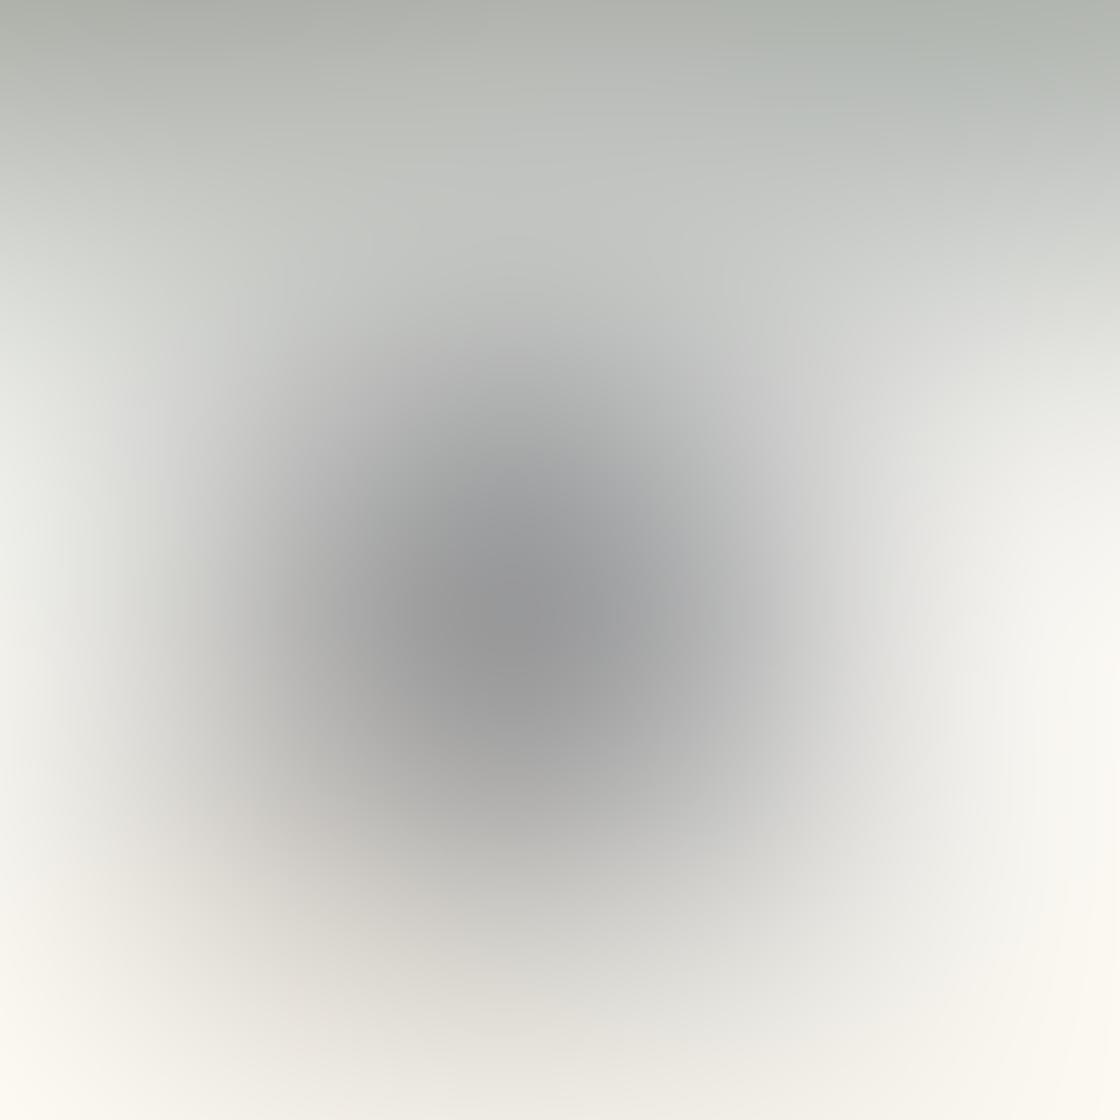 Shaz Sharif iPhone Photos 3